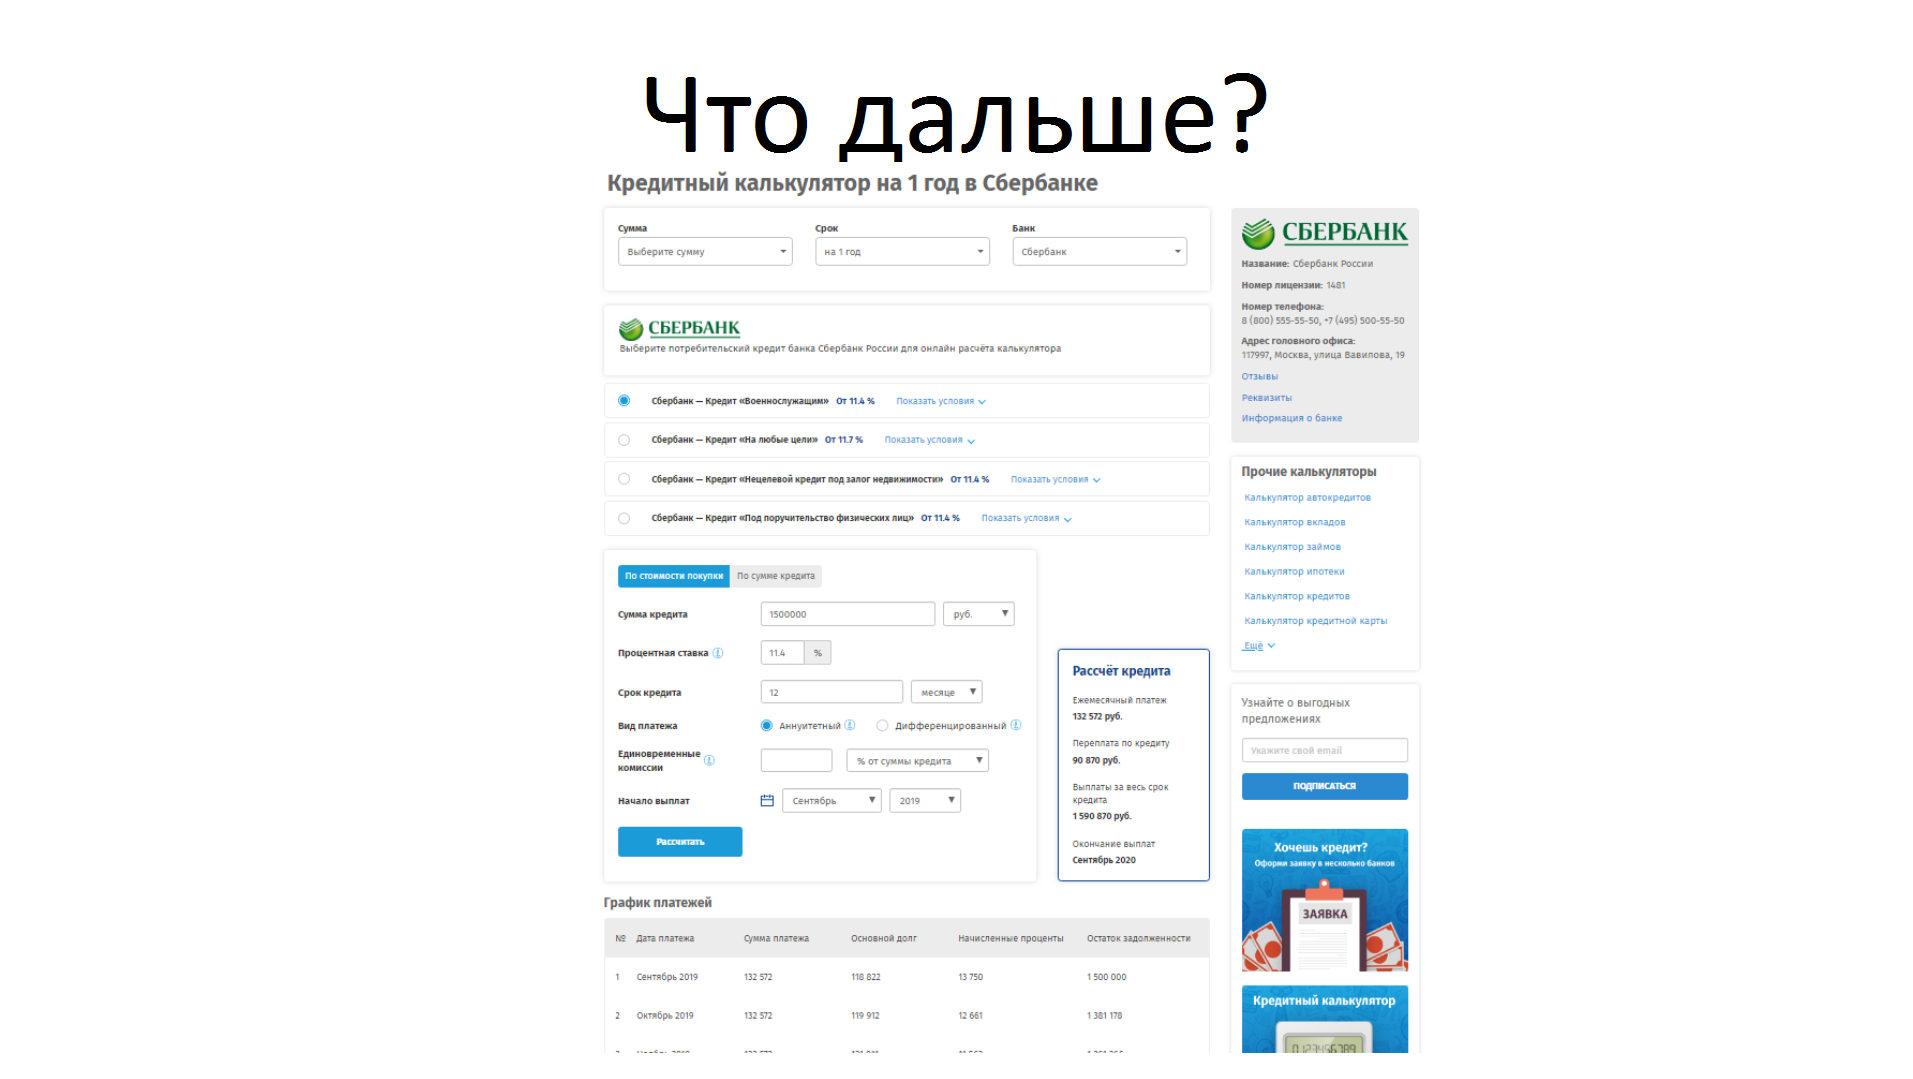 WP Moscow 9 - Катя Леурдо - Как мы делали умный фильтр - 09